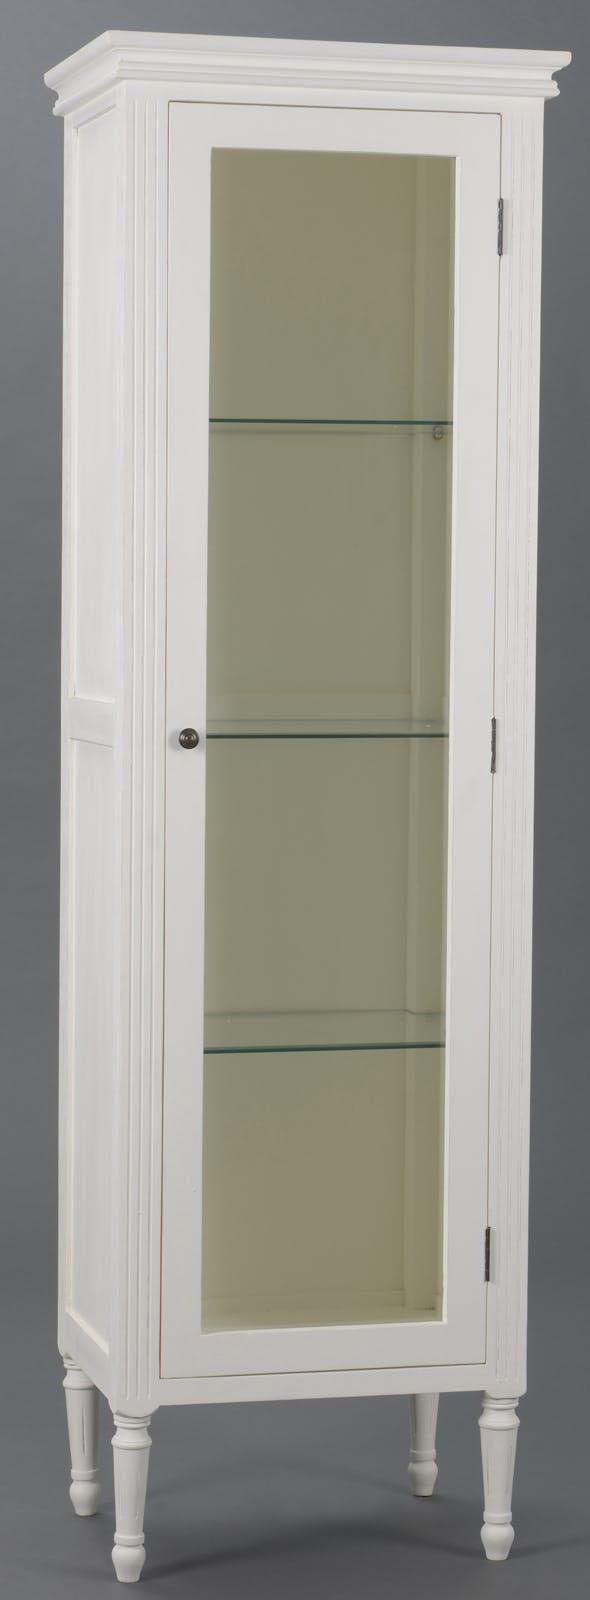 Vitrine Classique Chic  4 niveaux,1 porte AGATHE L 55 X P 40 X H 180 Blanc Antique AMADEUS